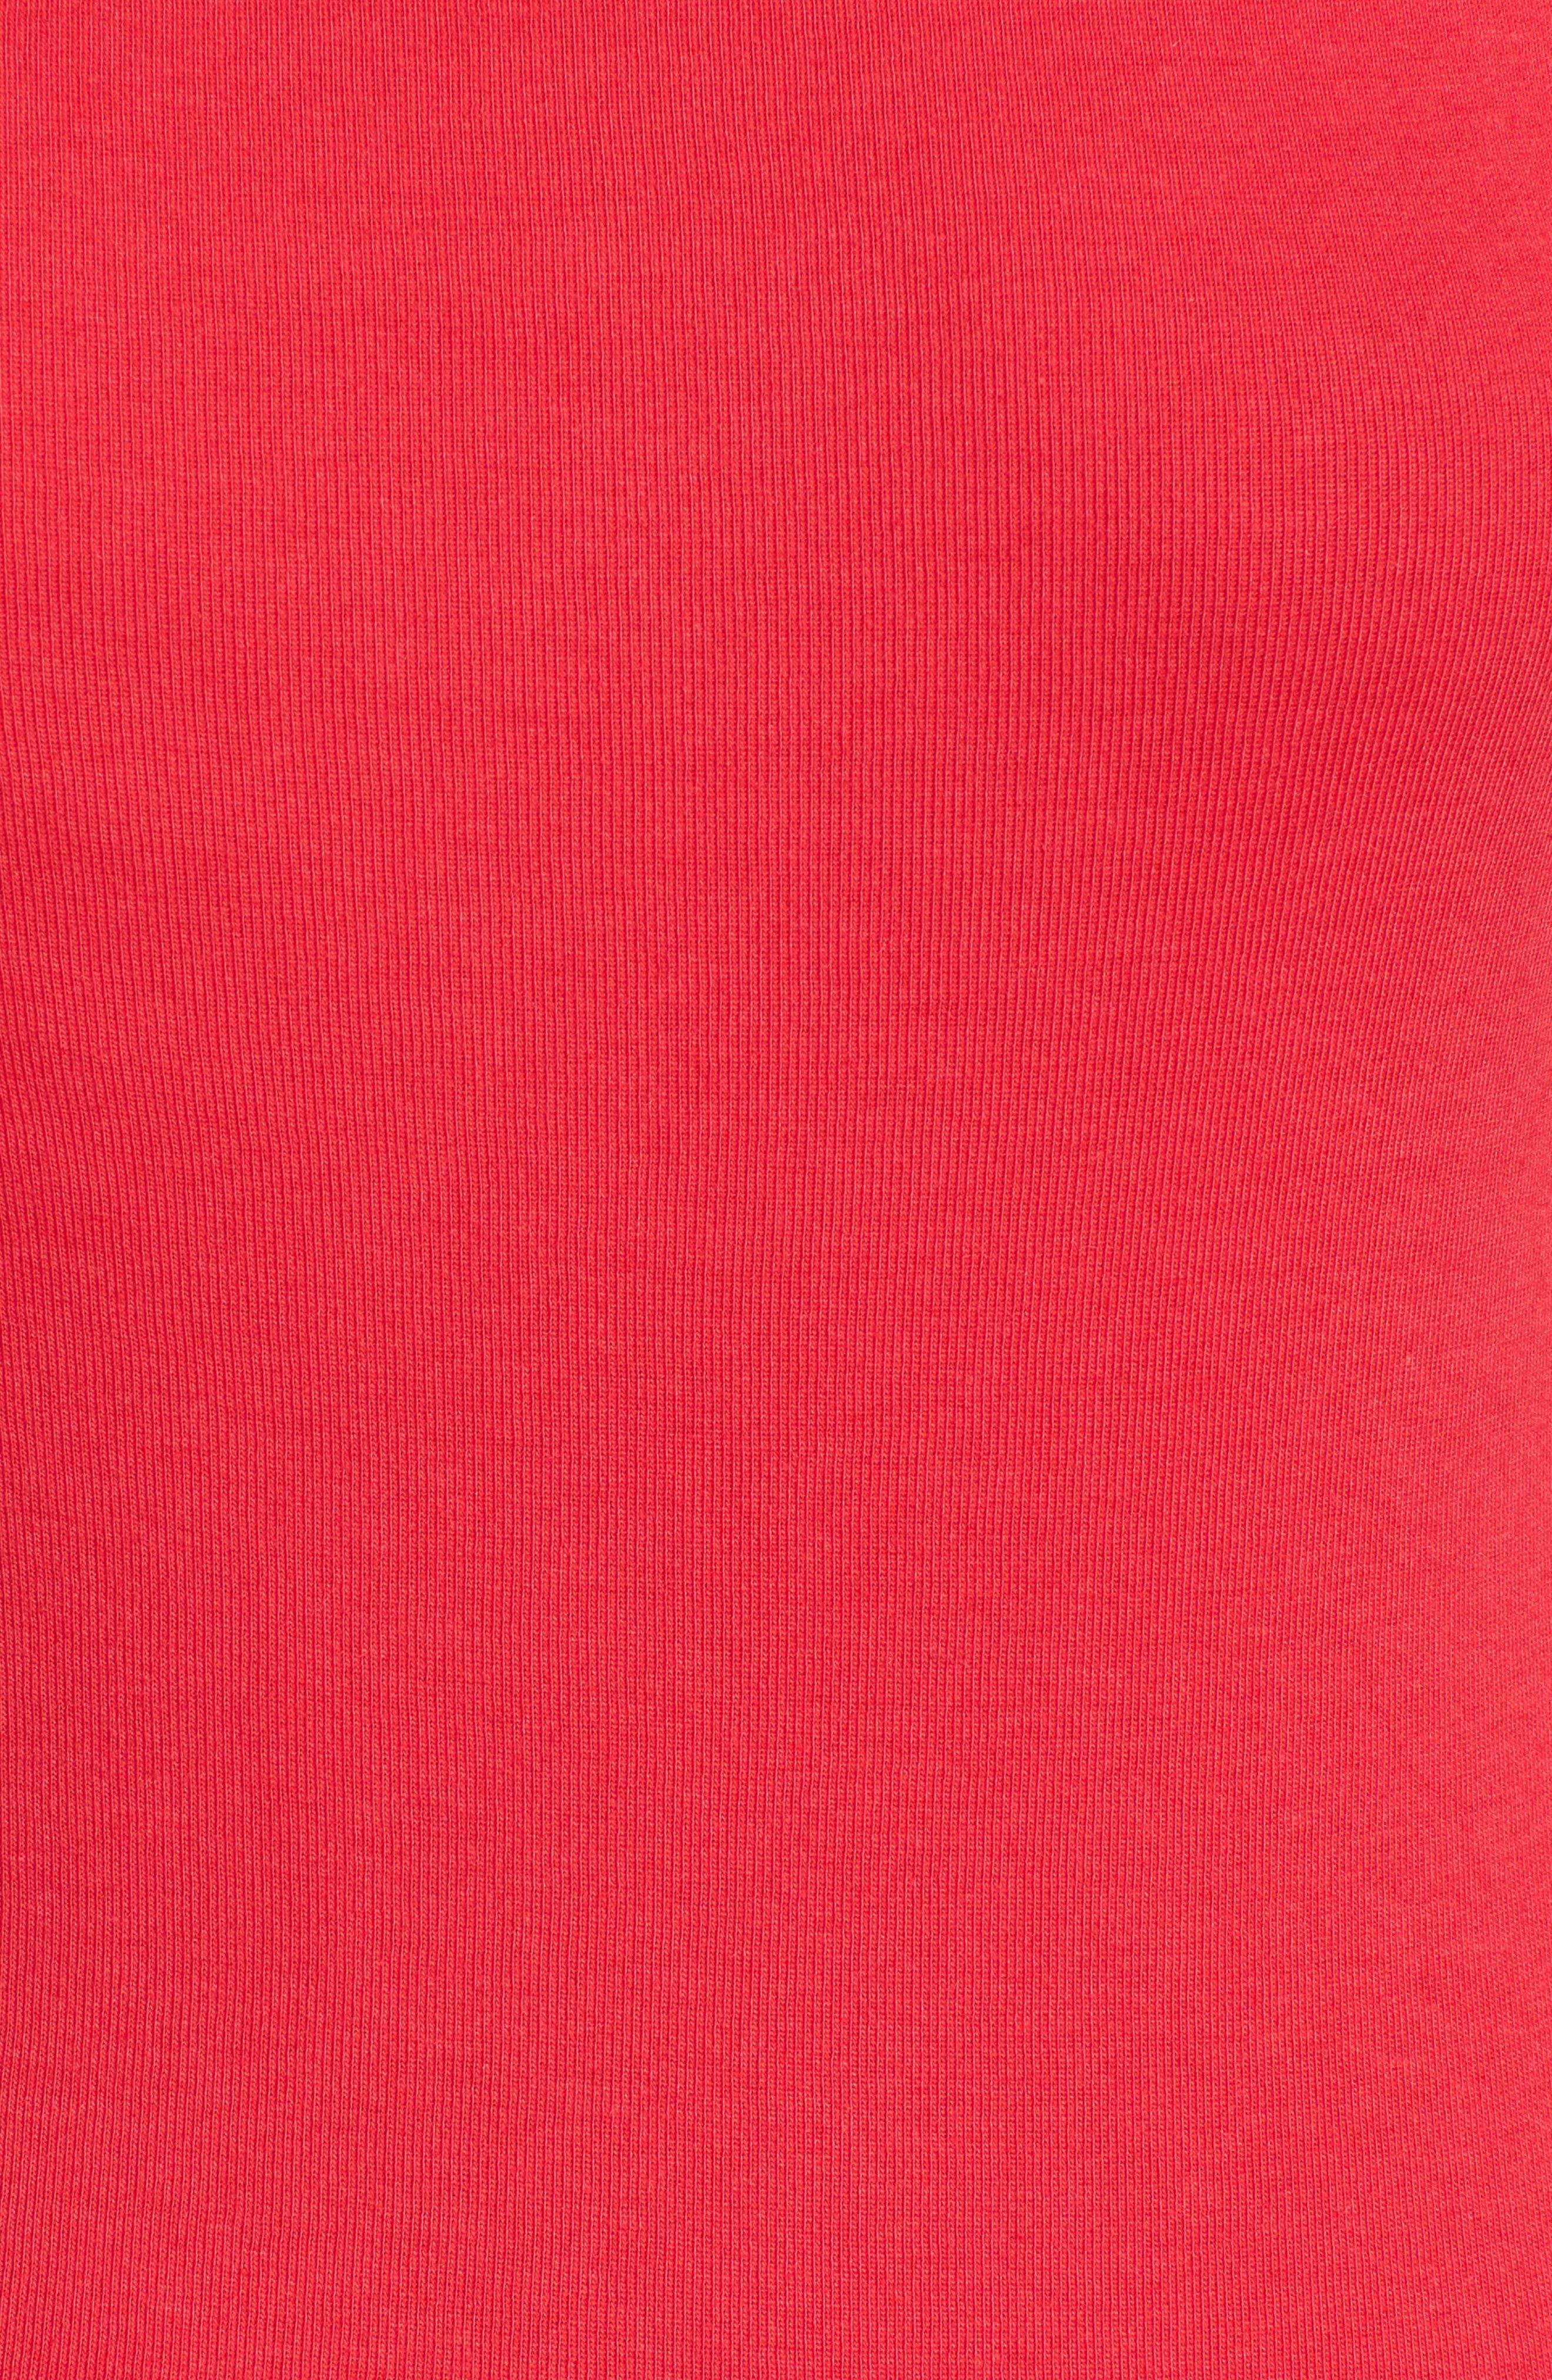 Three Quarter Sleeve Tee,                             Alternate thumbnail 106, color,